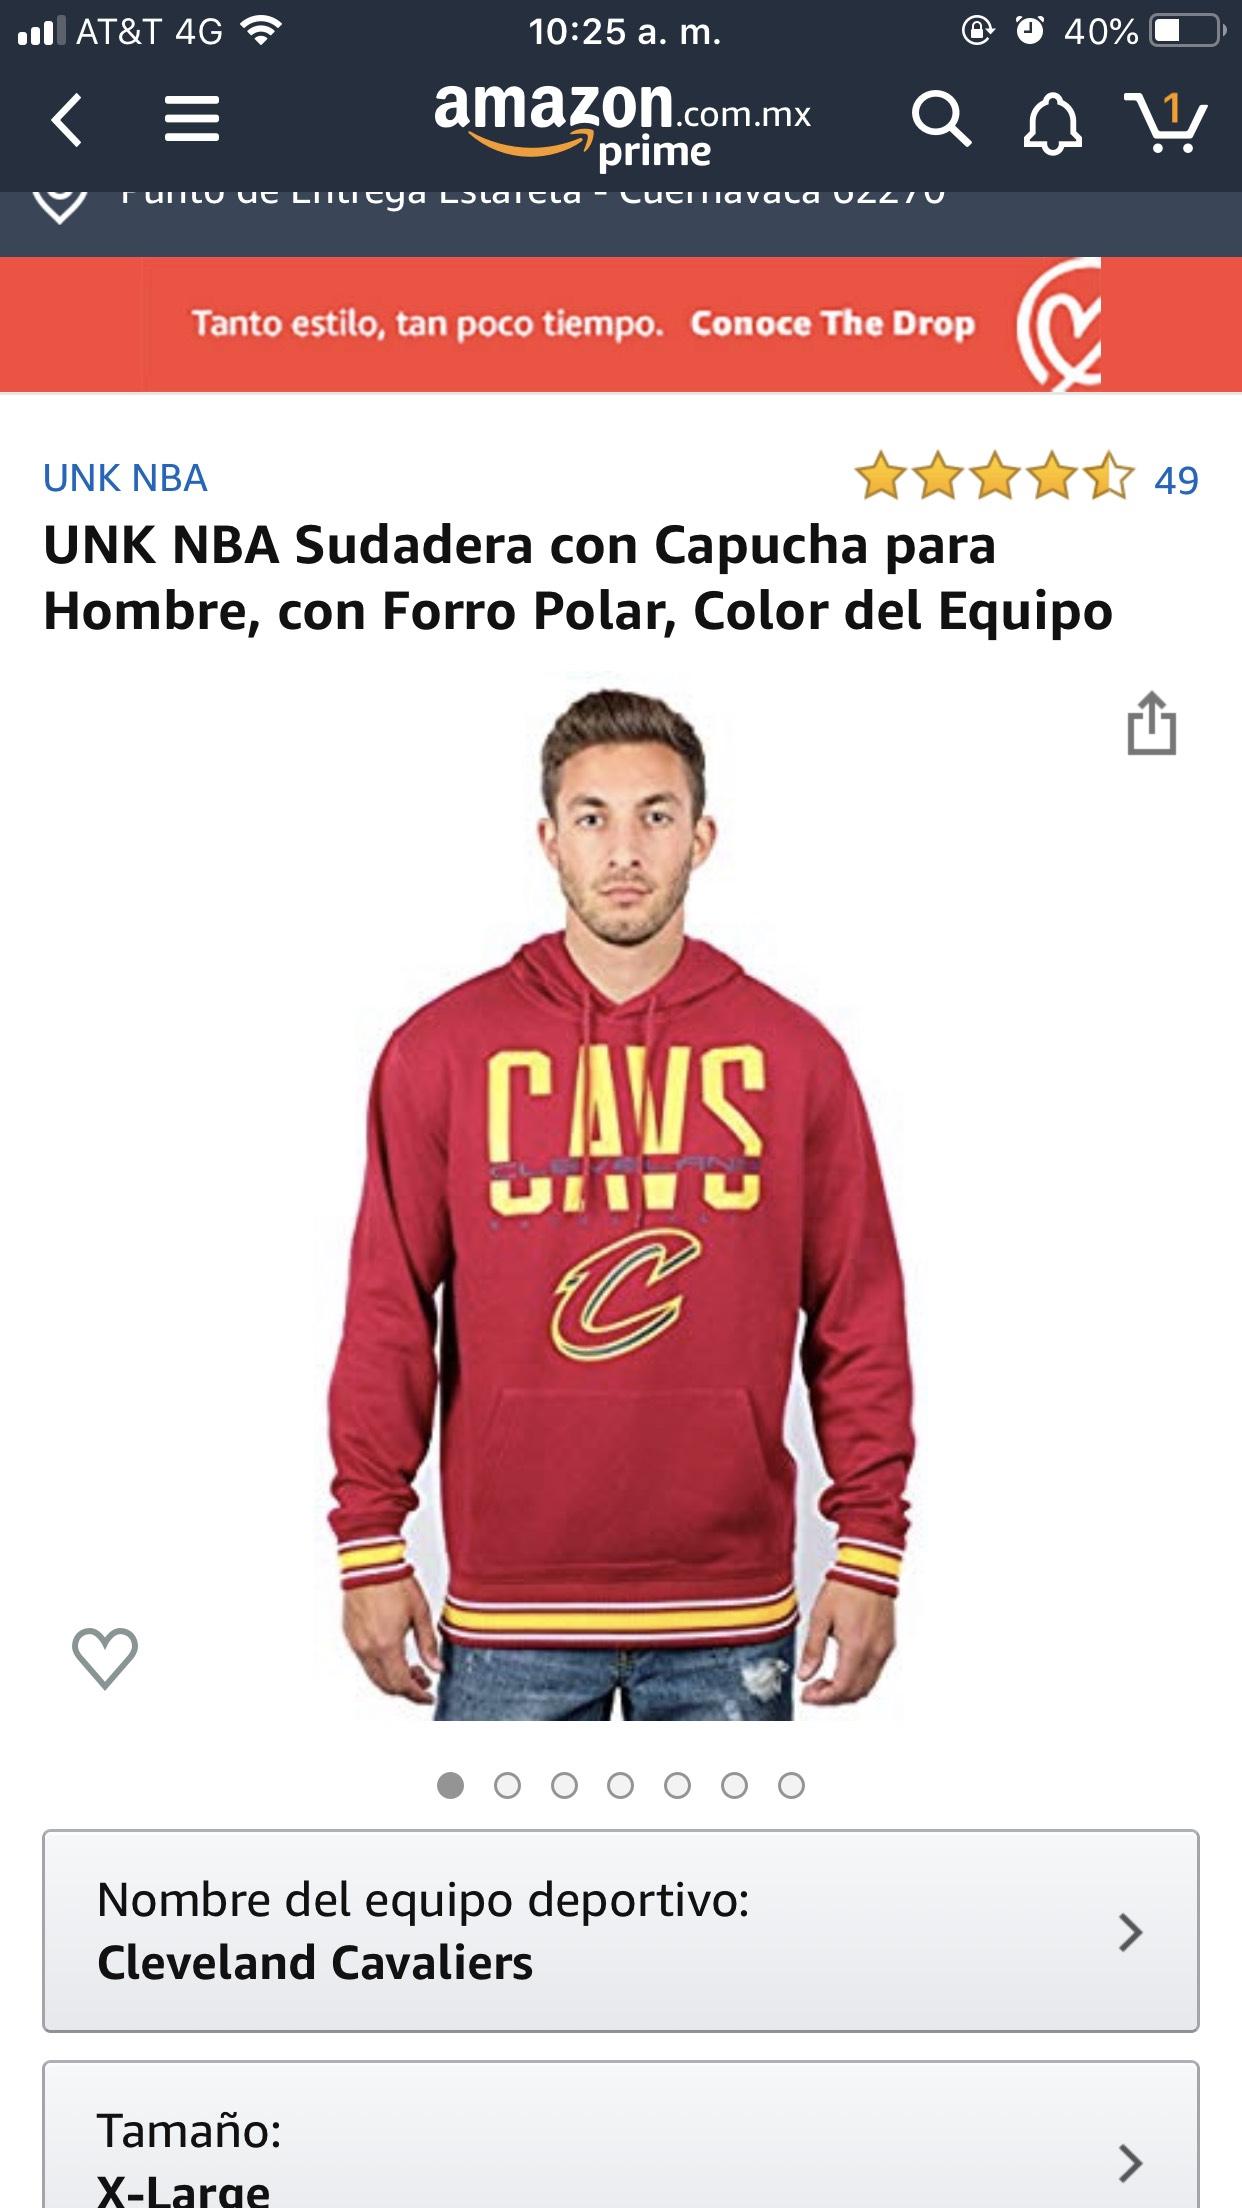 Amazon: UNK NBA Sudadera con Capucha para Hombr